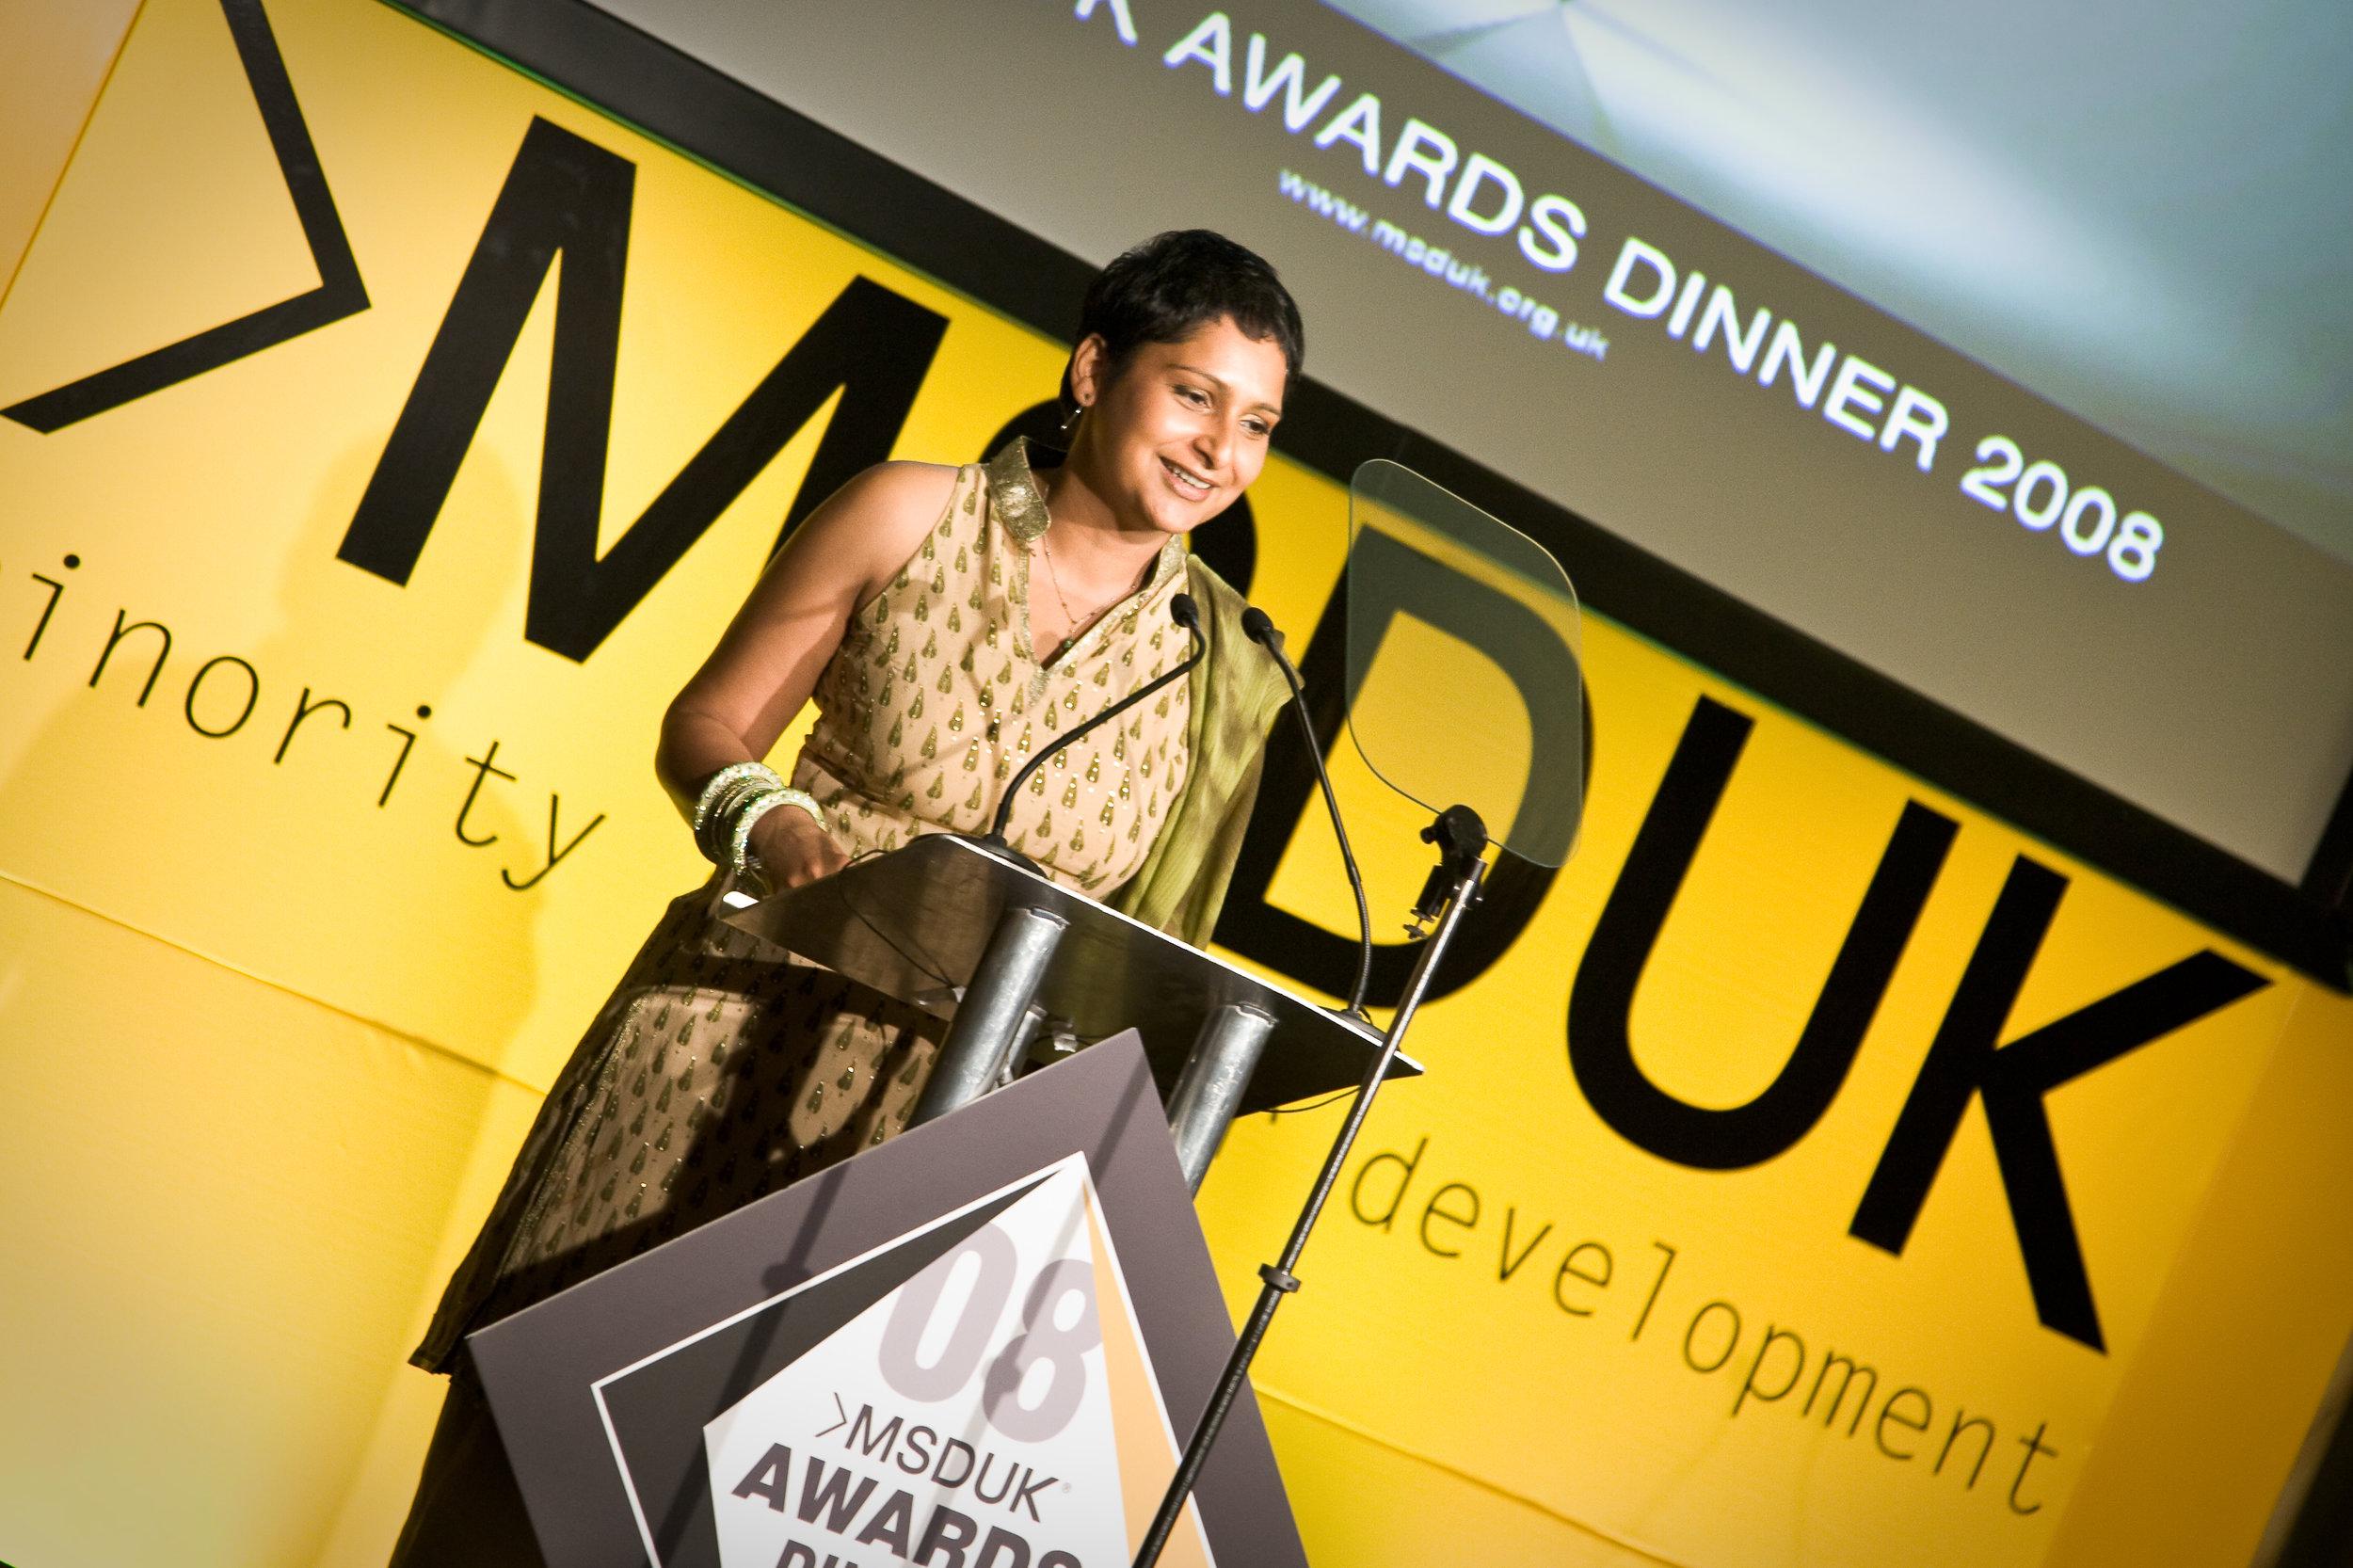 MSDUK_Awards-104.jpg